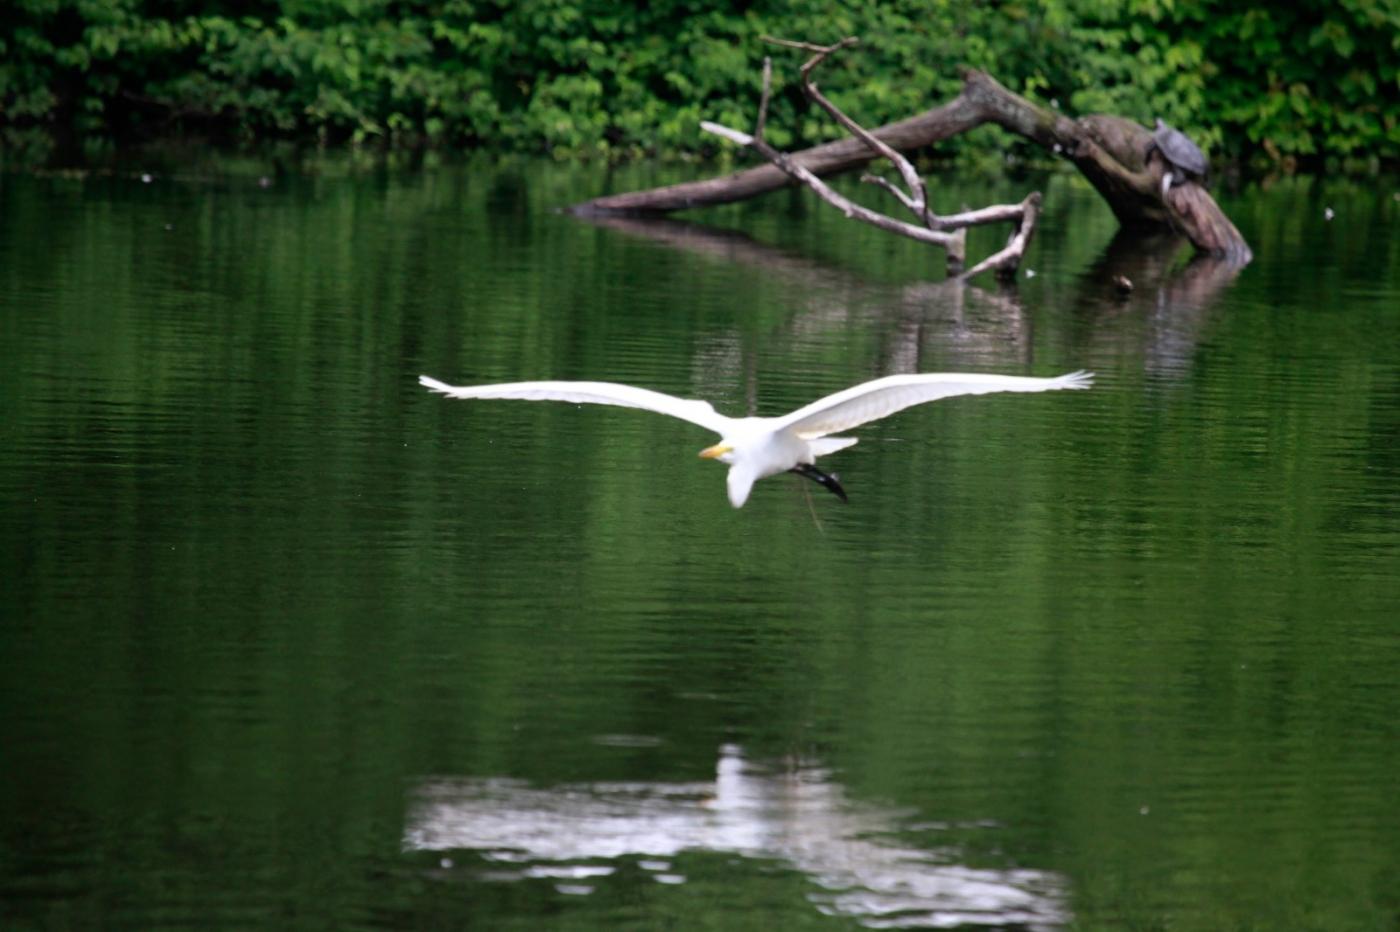 中央公园的白鹭,姿态优美,游客喜爱_图1-15